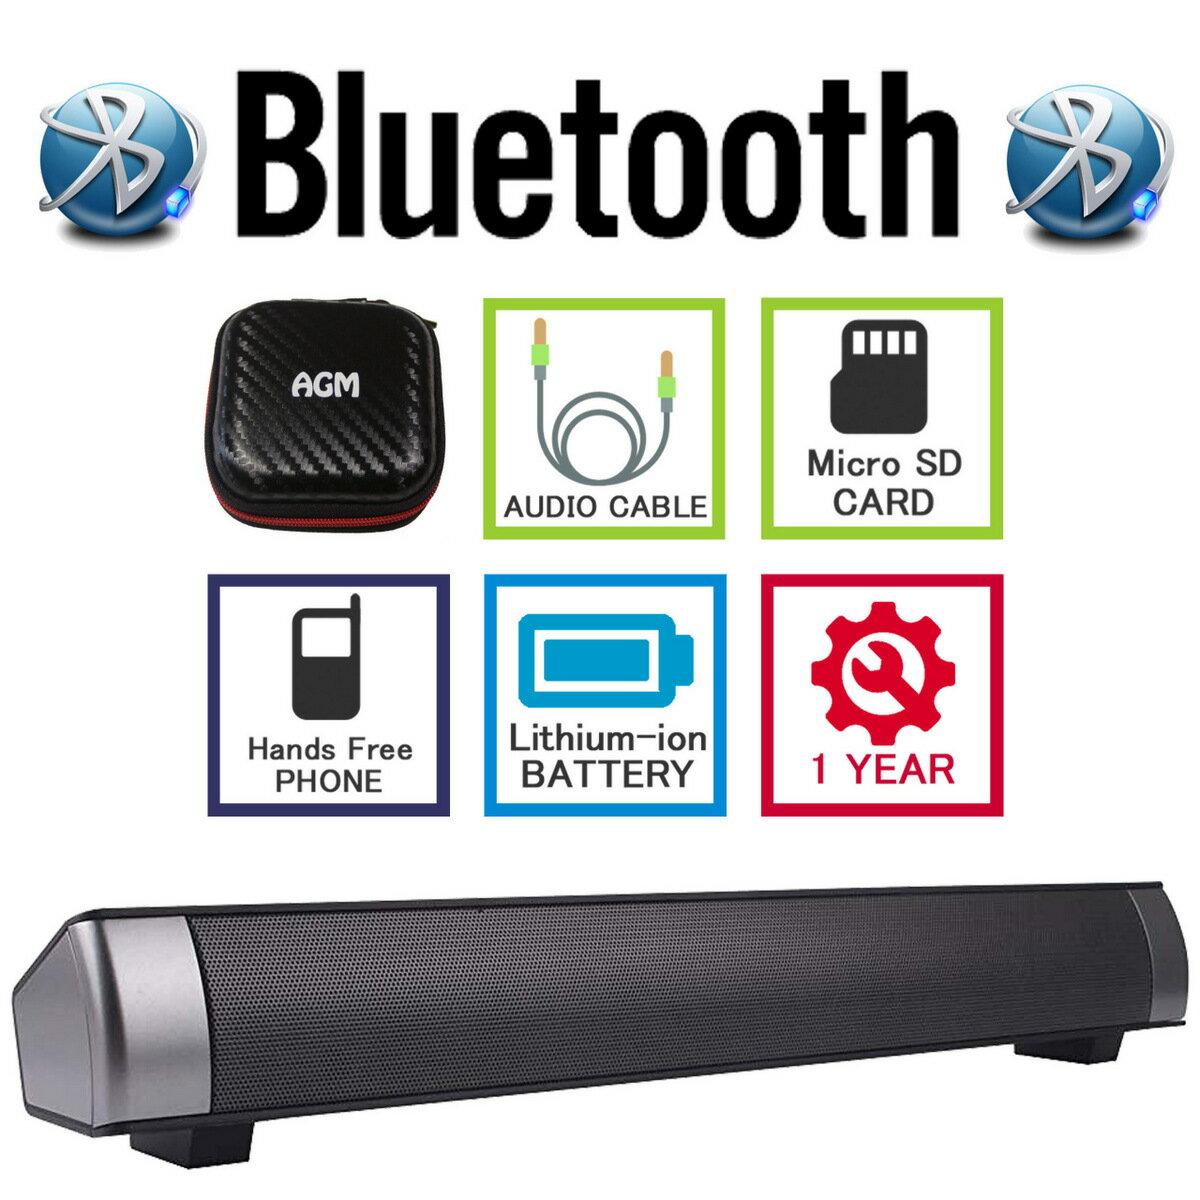 AGM ブルートゥース スピーカー Bluetooth 高音質 高出力 重低音 電話 アウトドア 野外 旅行 屋外 iphone ipad ipod mini pc スマホ コスパ ステレオ ブラック